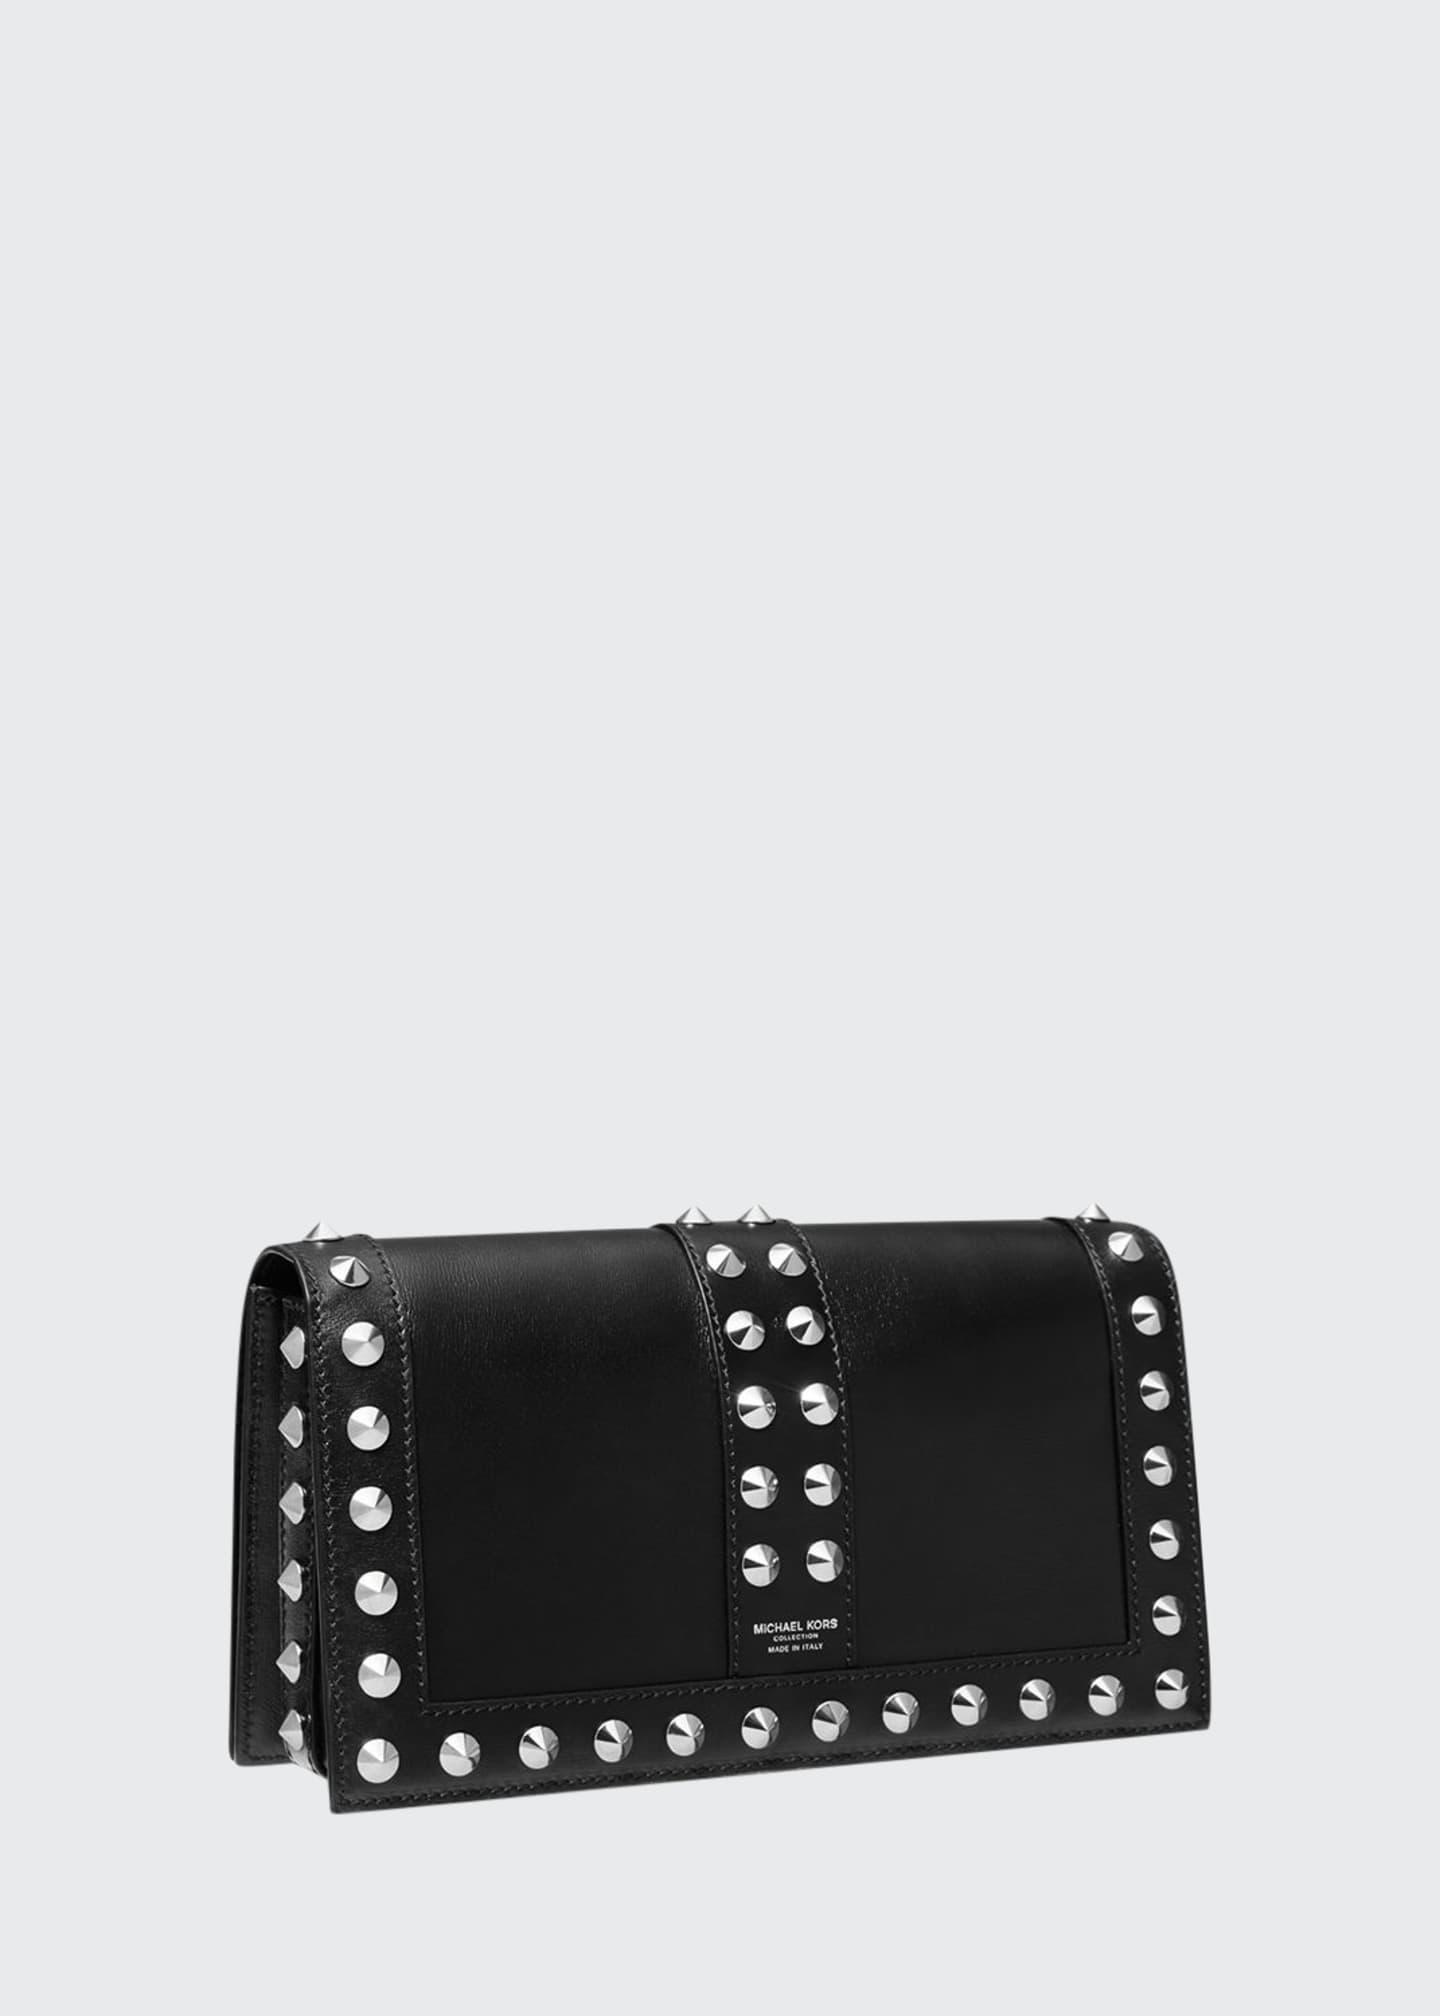 Michael Kors Cone Stud Leather Shoulder Bag